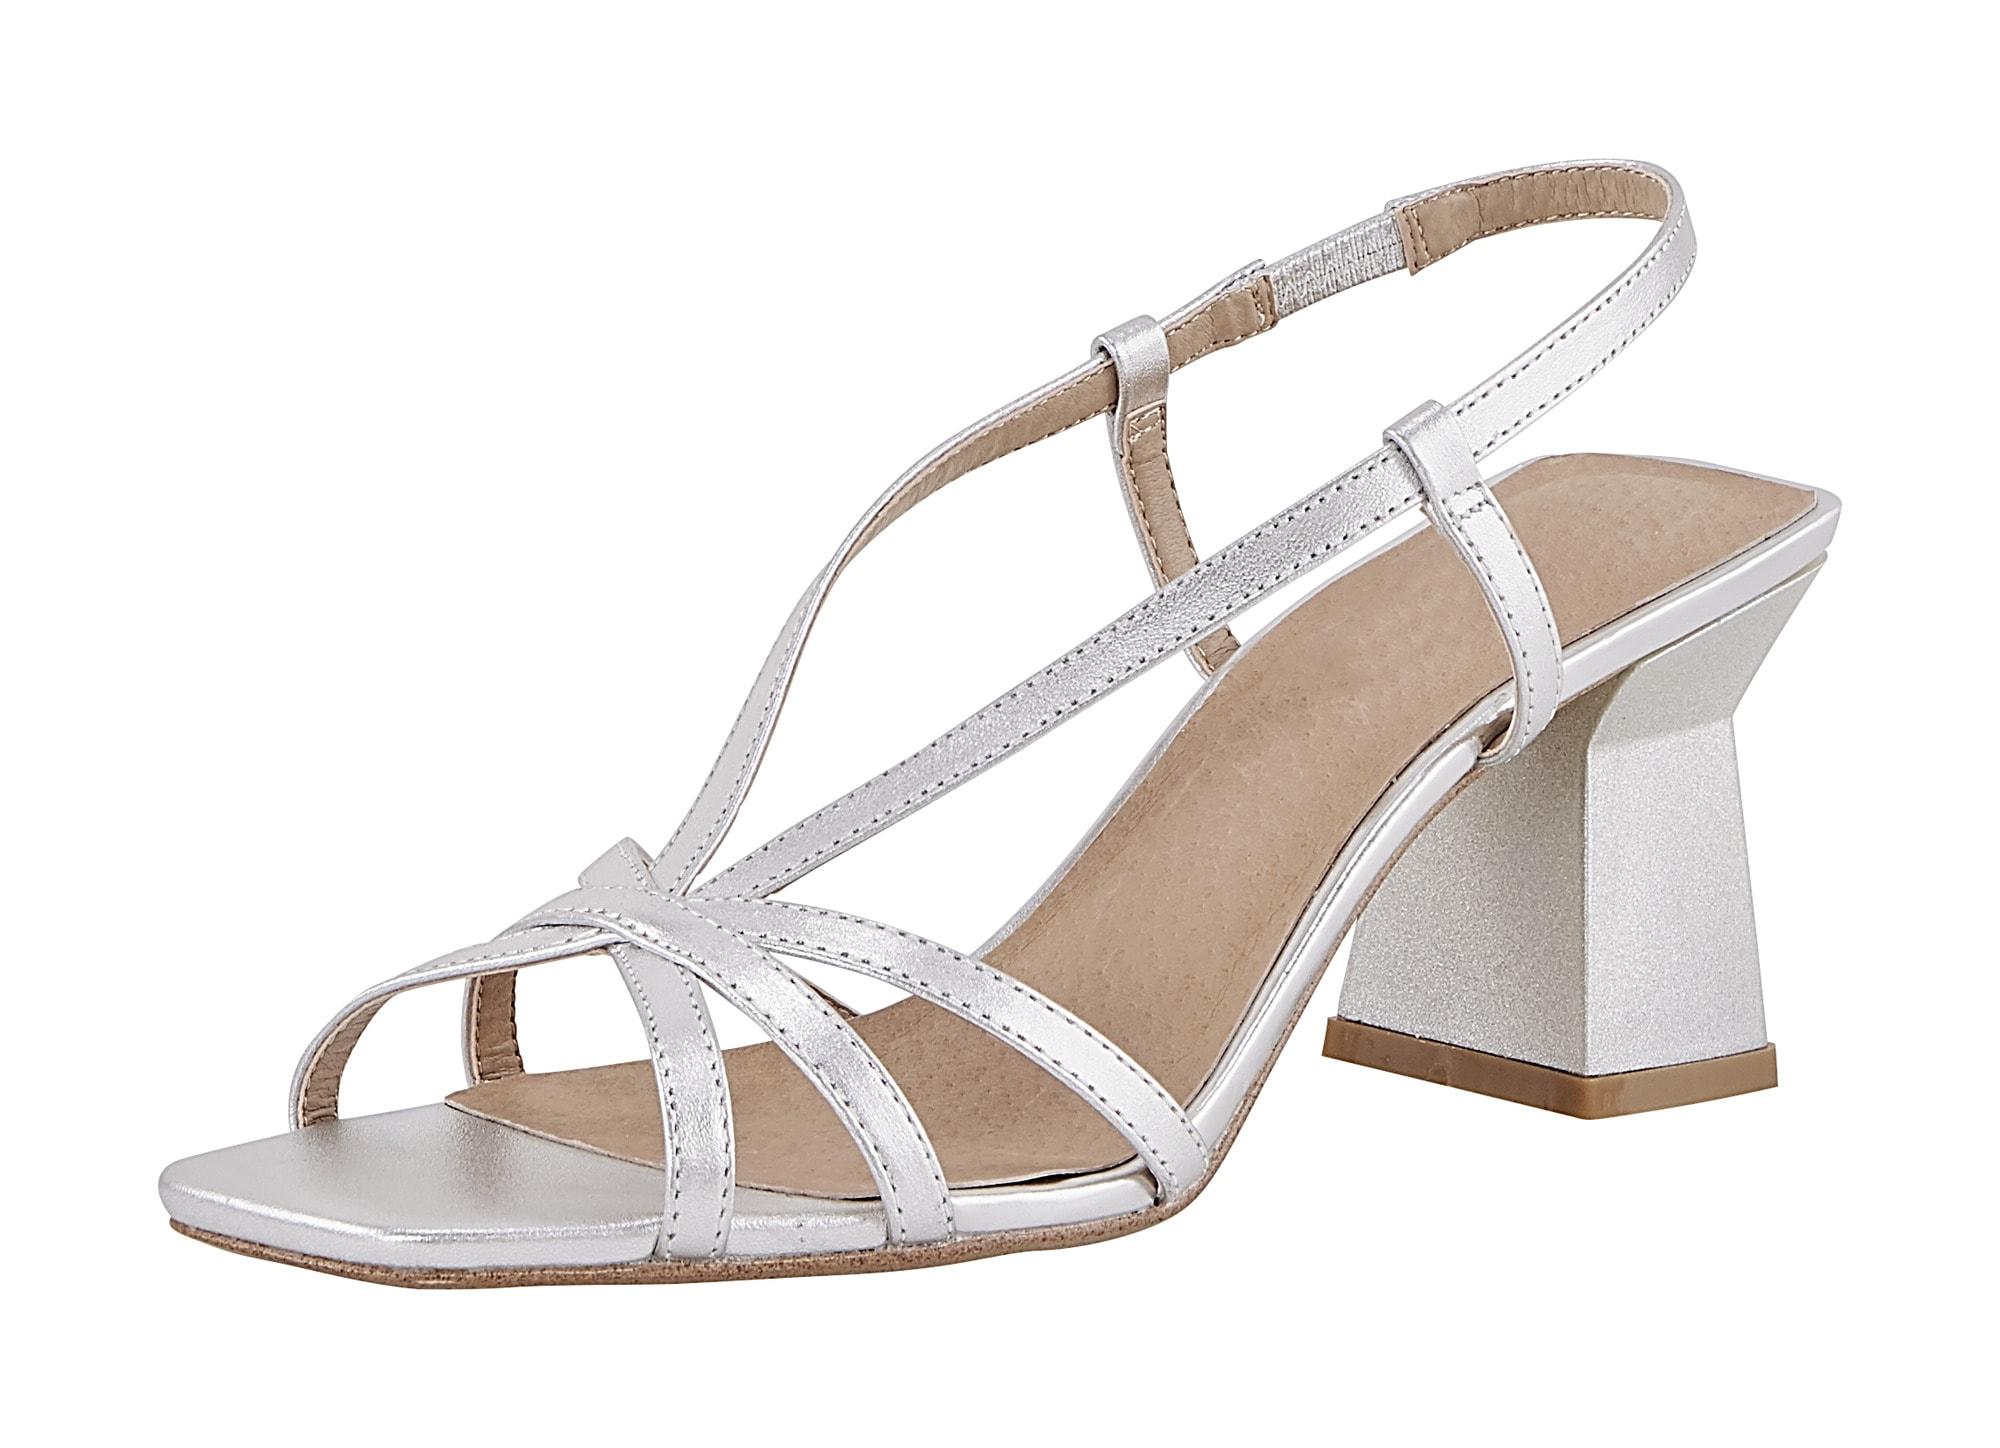 heine - Sandalette mit dekorativem Absatz